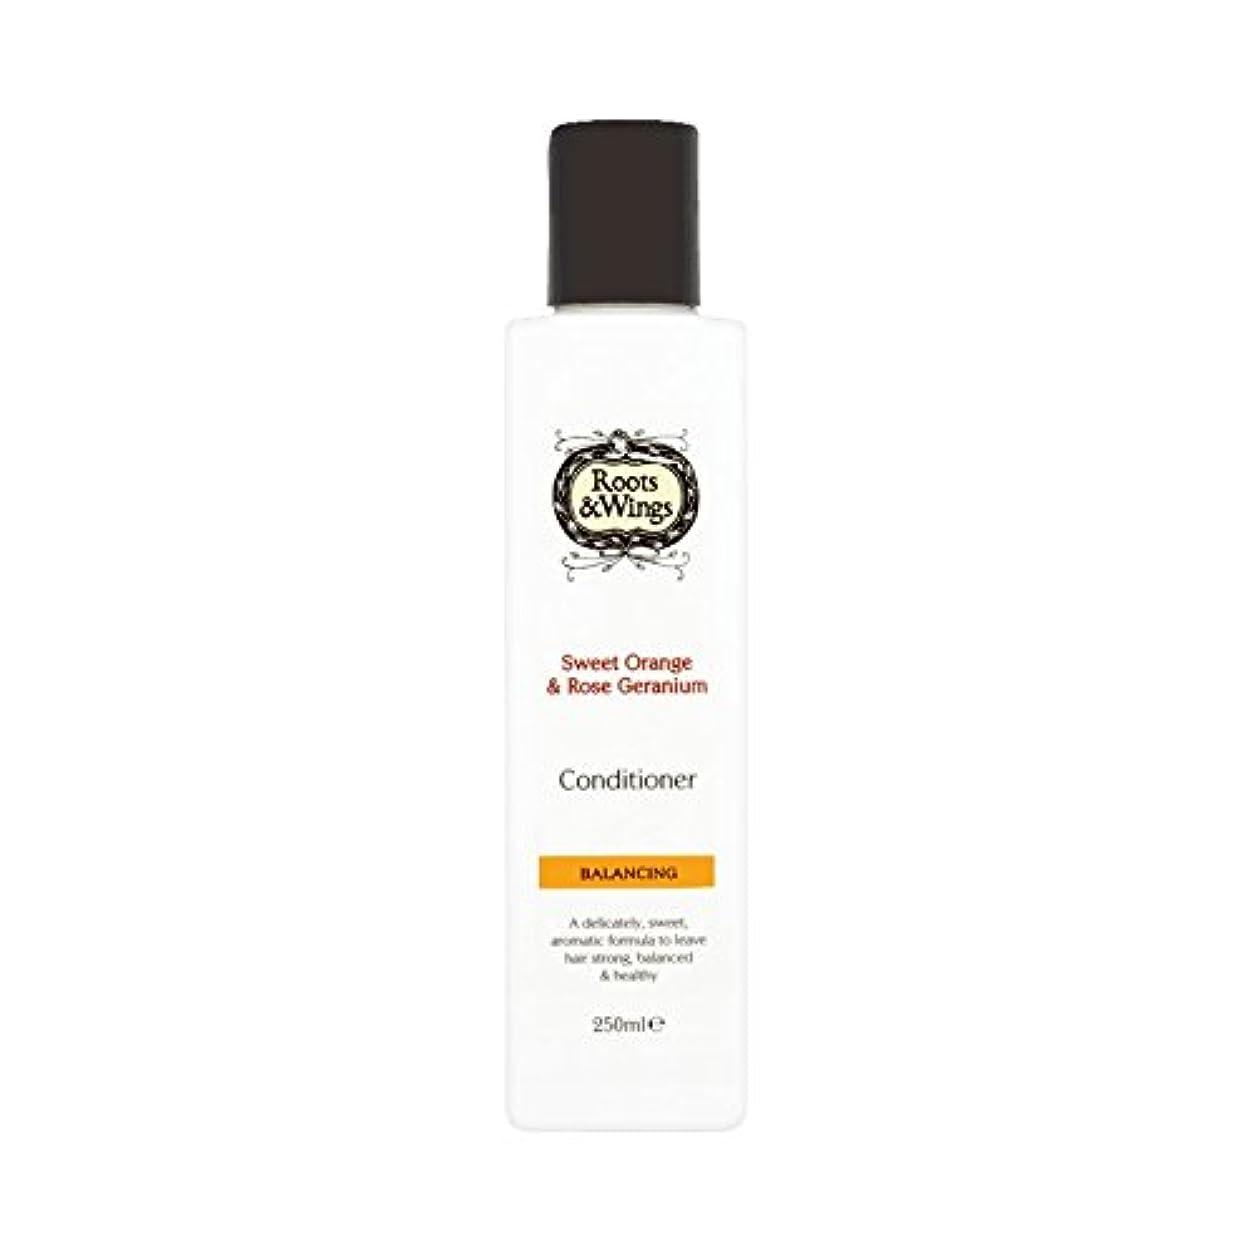 悪化させるミュウミュウ筋Roots & Wings Conditioner Sweet Orange & Rose Geranium 250ml (Pack of 2) - ルーツ&翼は甘いオレンジ、コンディショナー&ゼラニウム250ミリリットル...